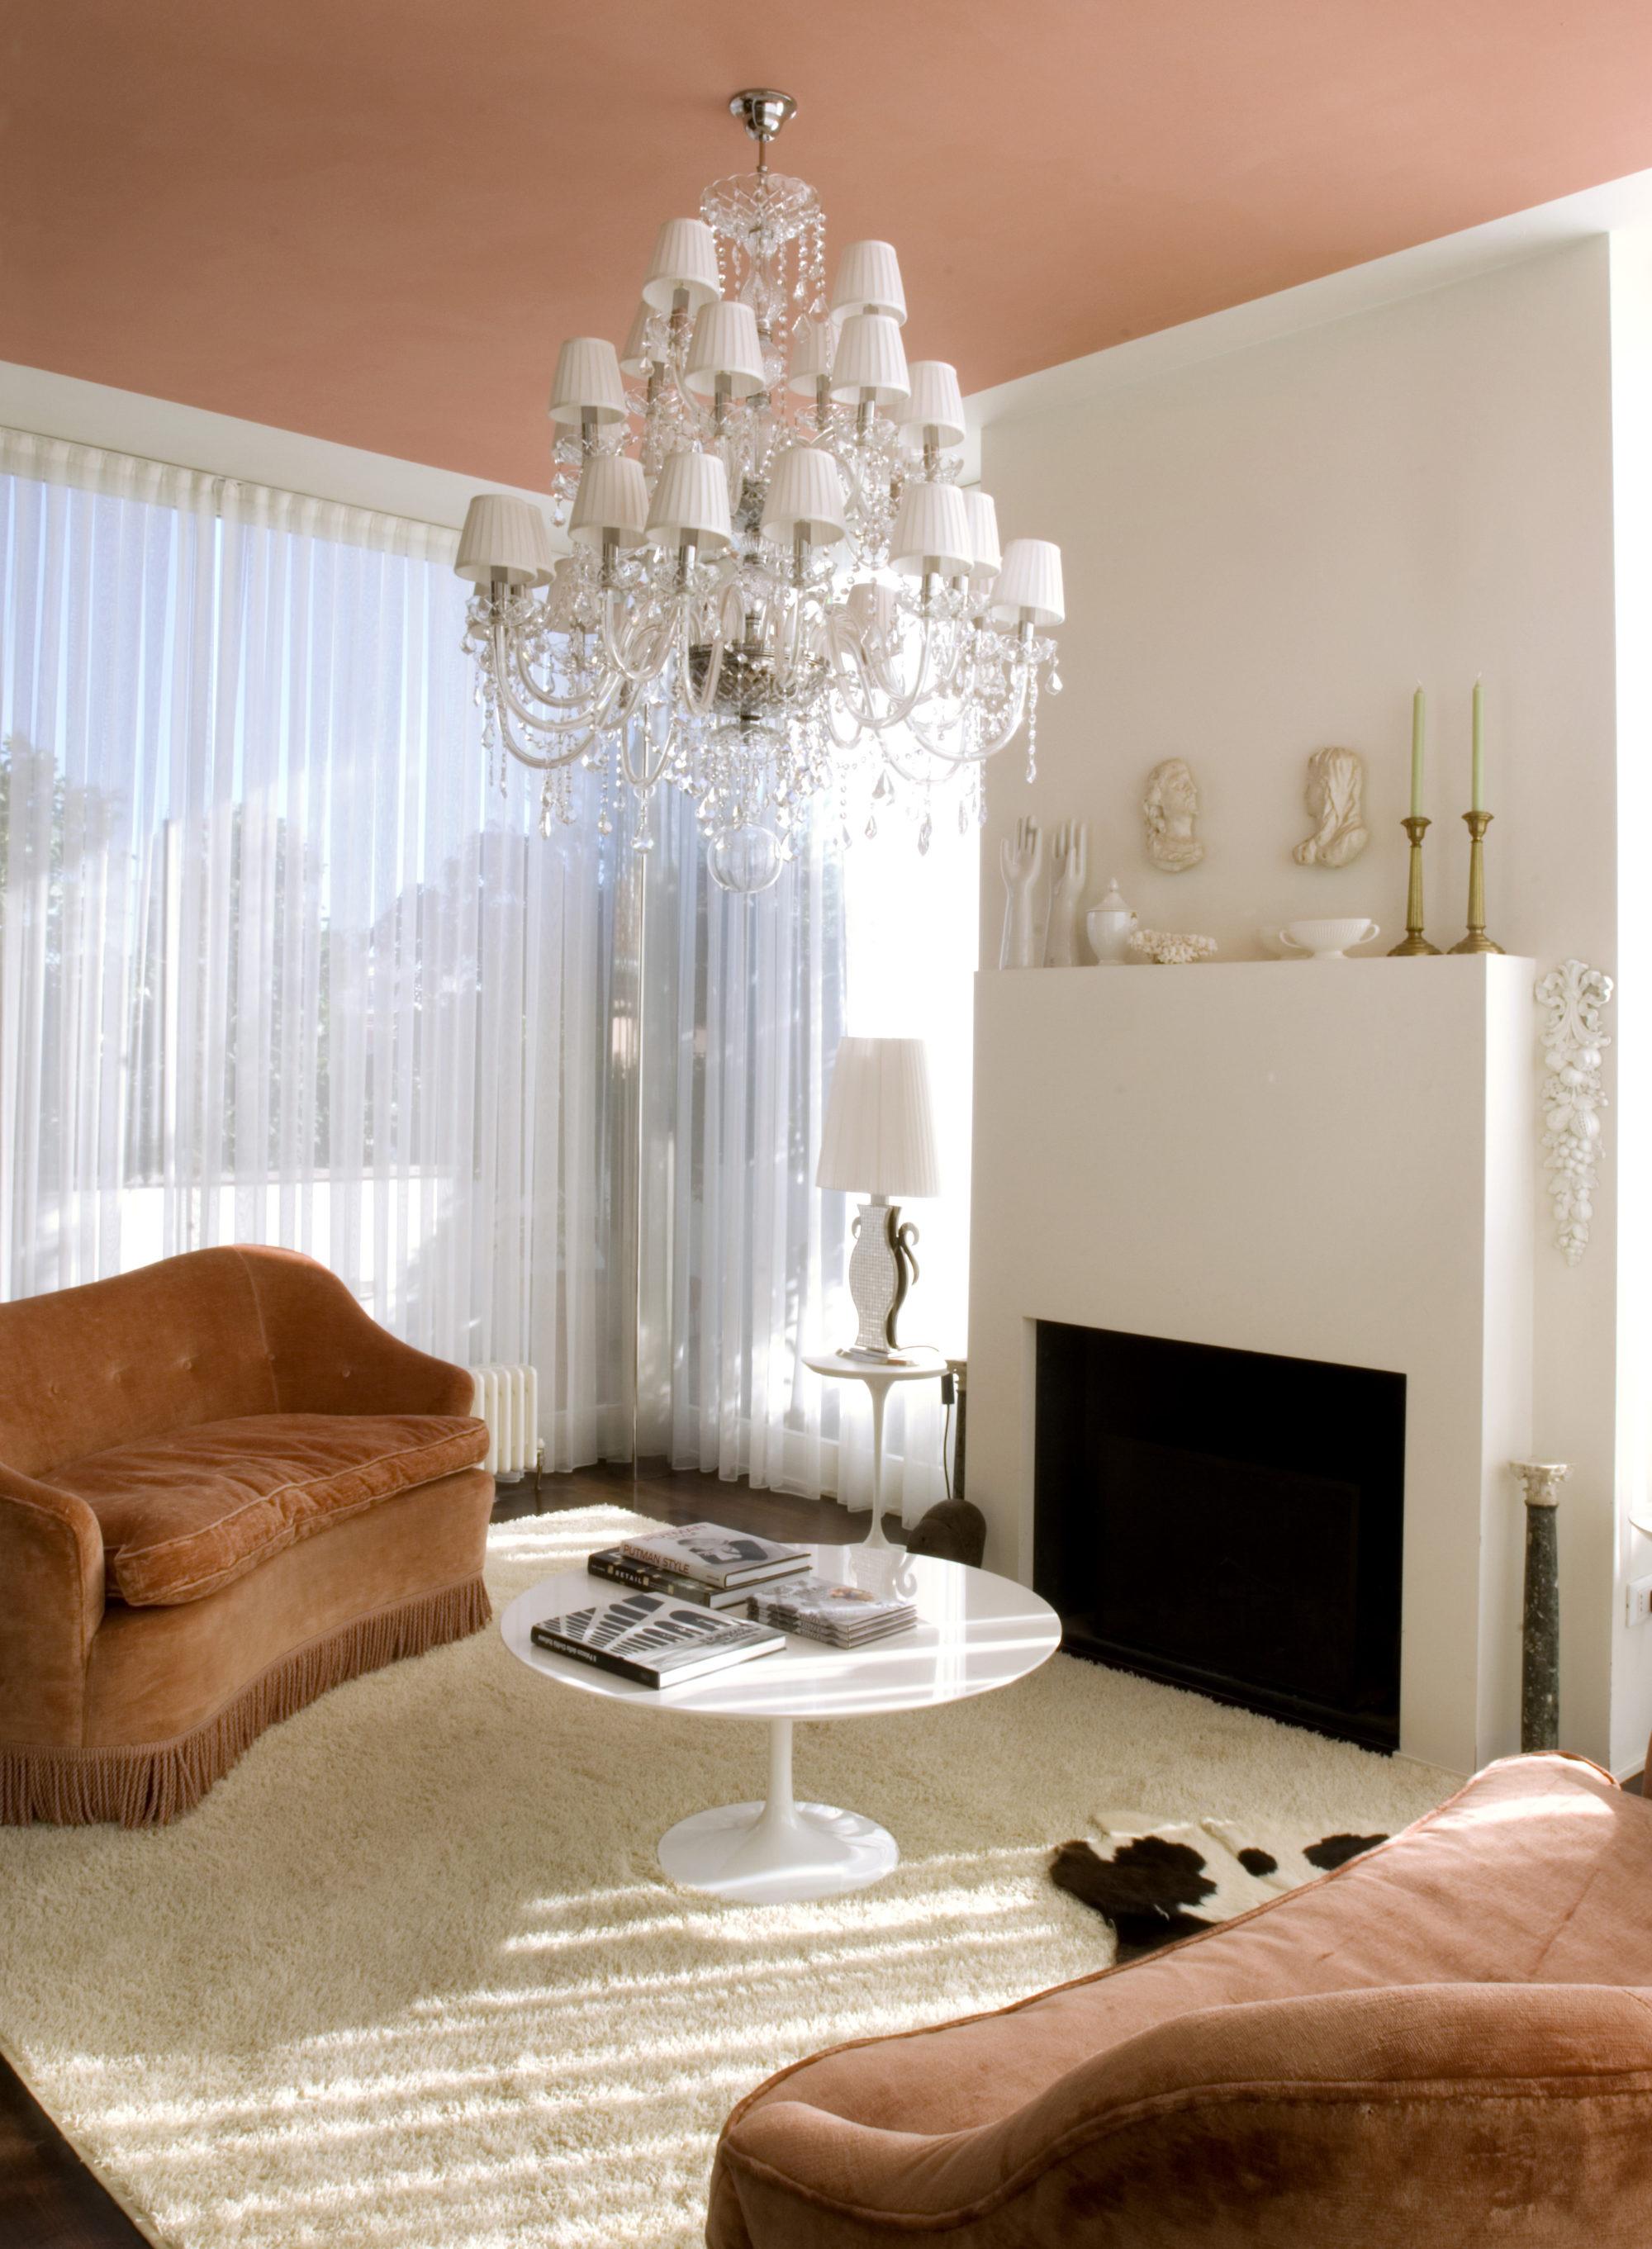 Casa dal bianco soggiorno fotografo brescia ottavio for Design interni brescia